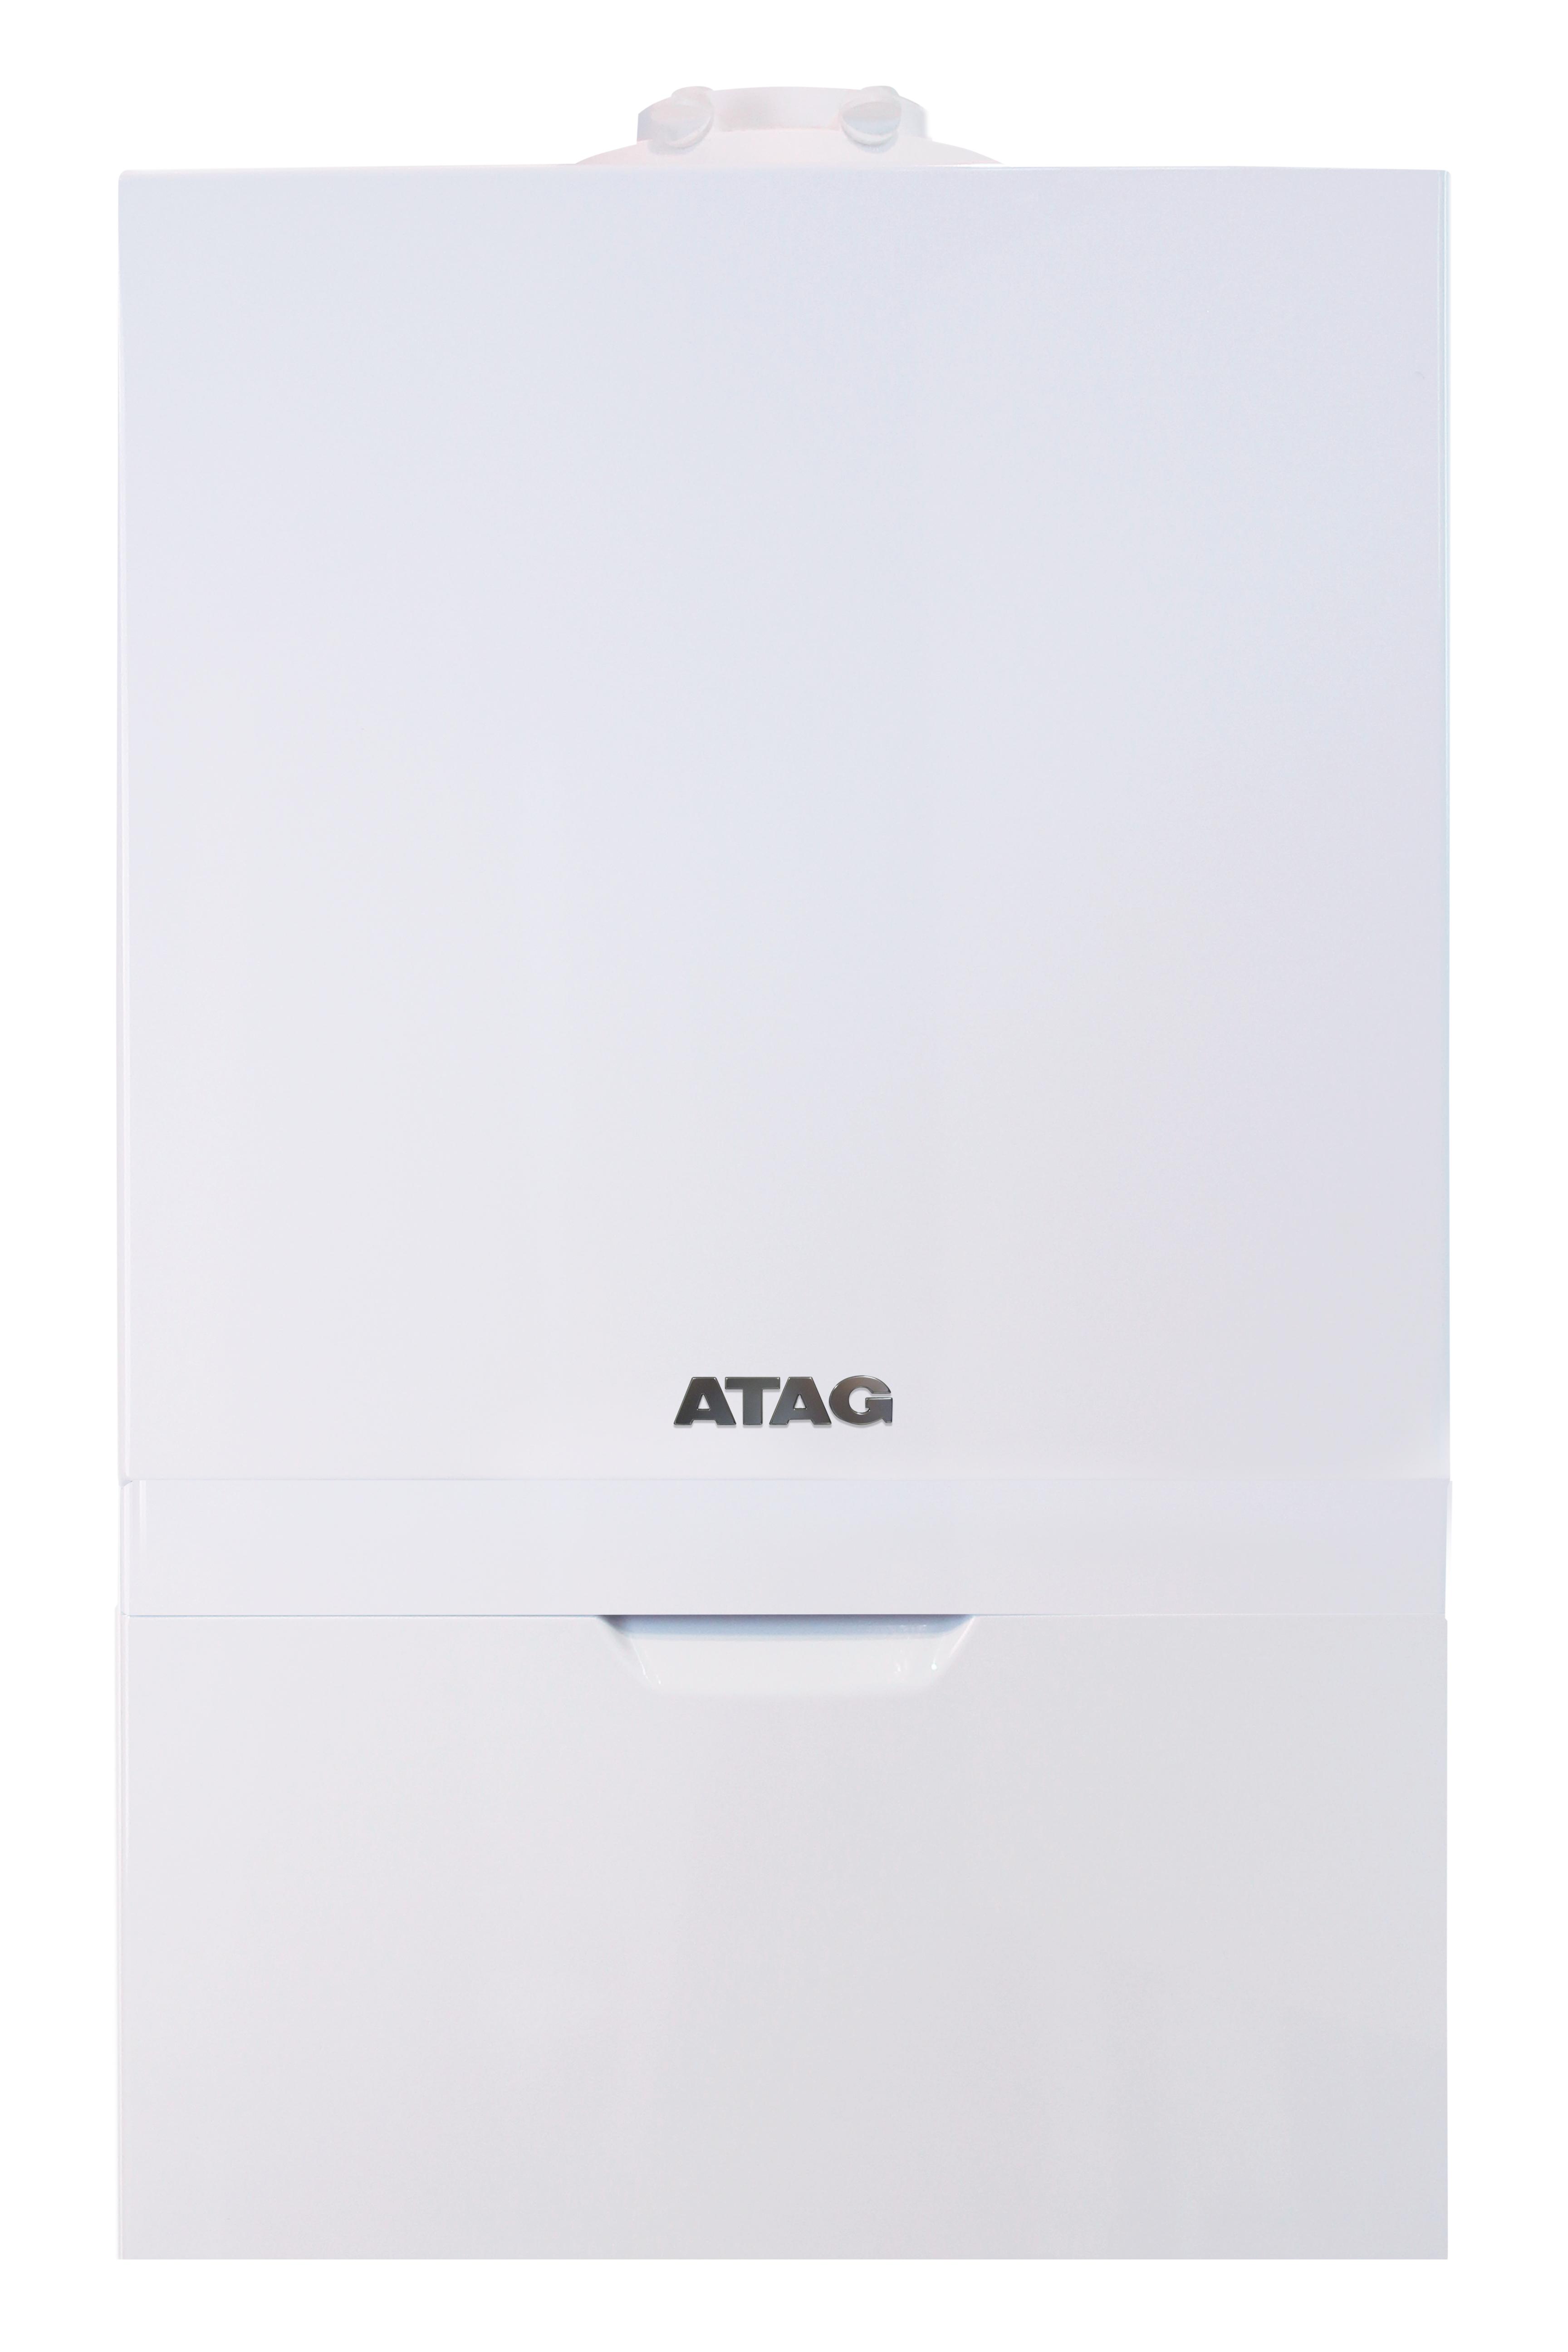 ATAG i36C